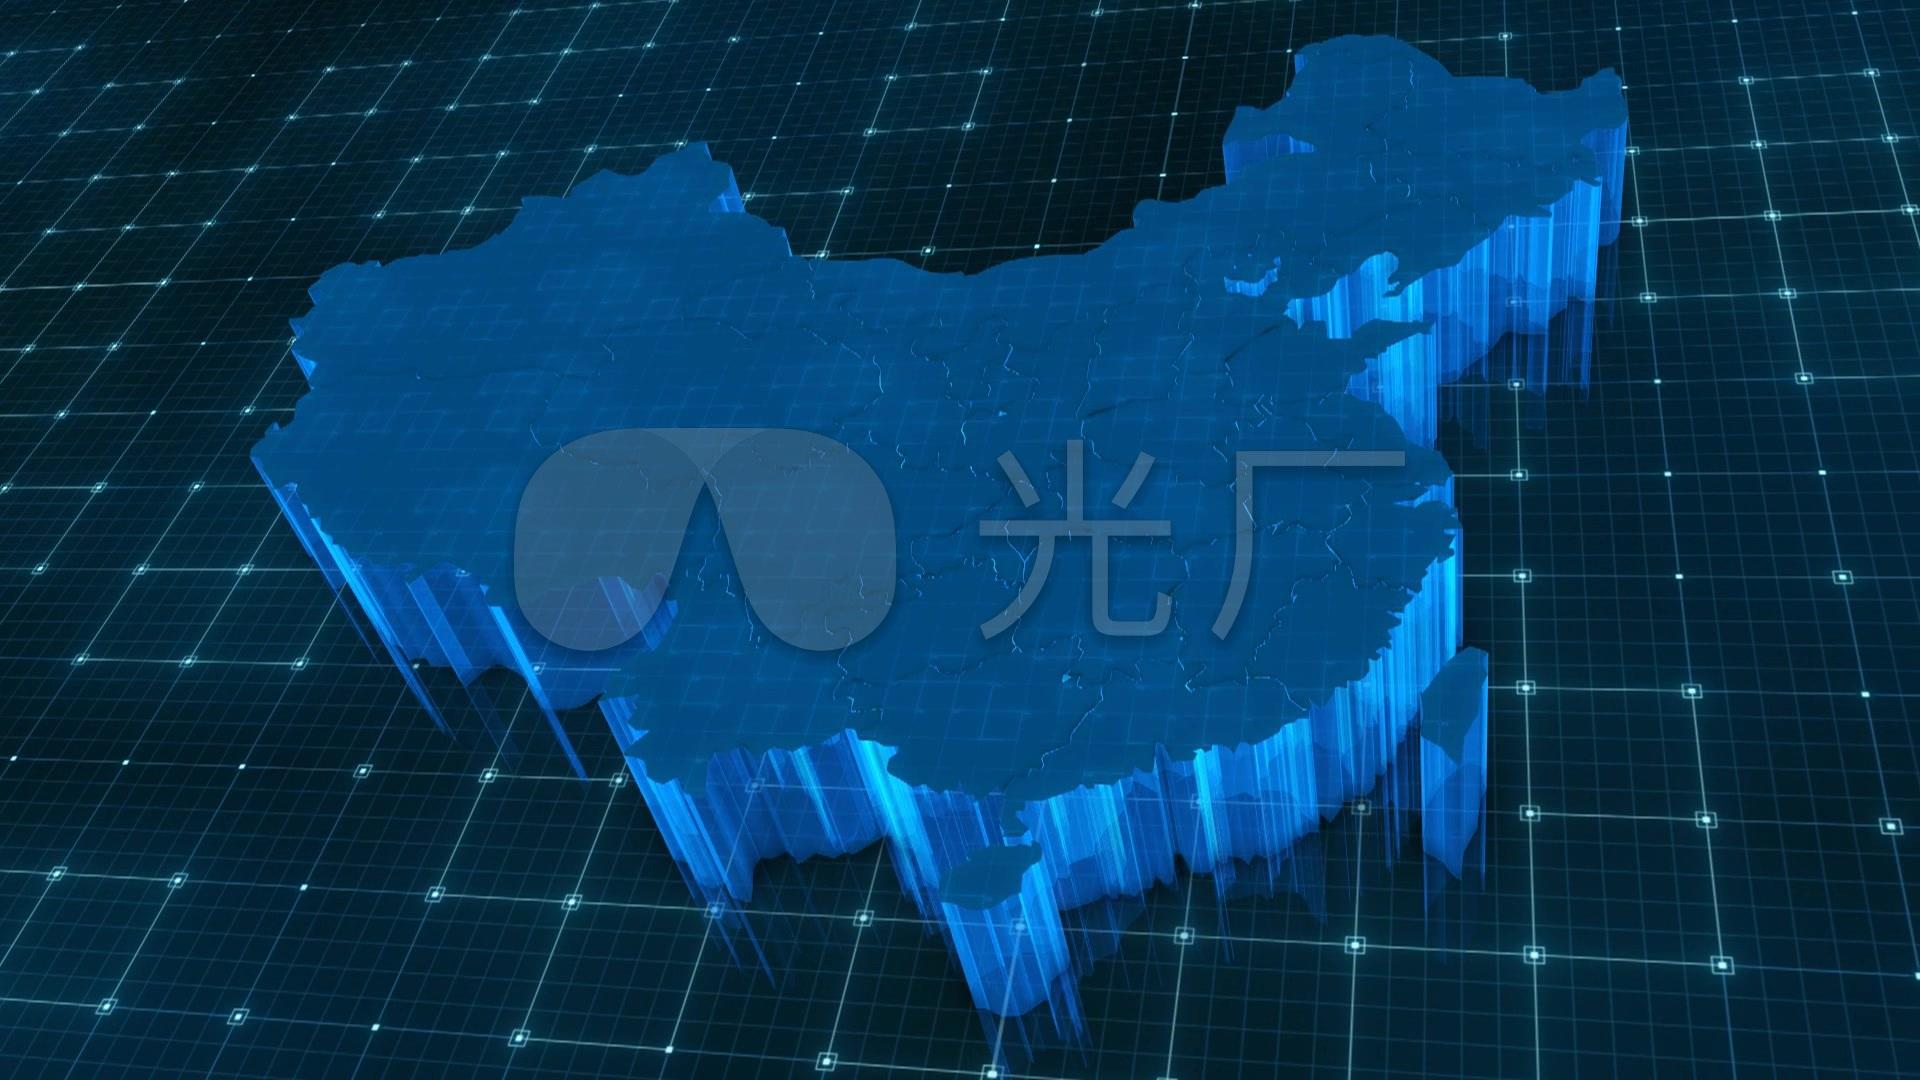 中国地图省份合并动画视频素材_1920X1080_